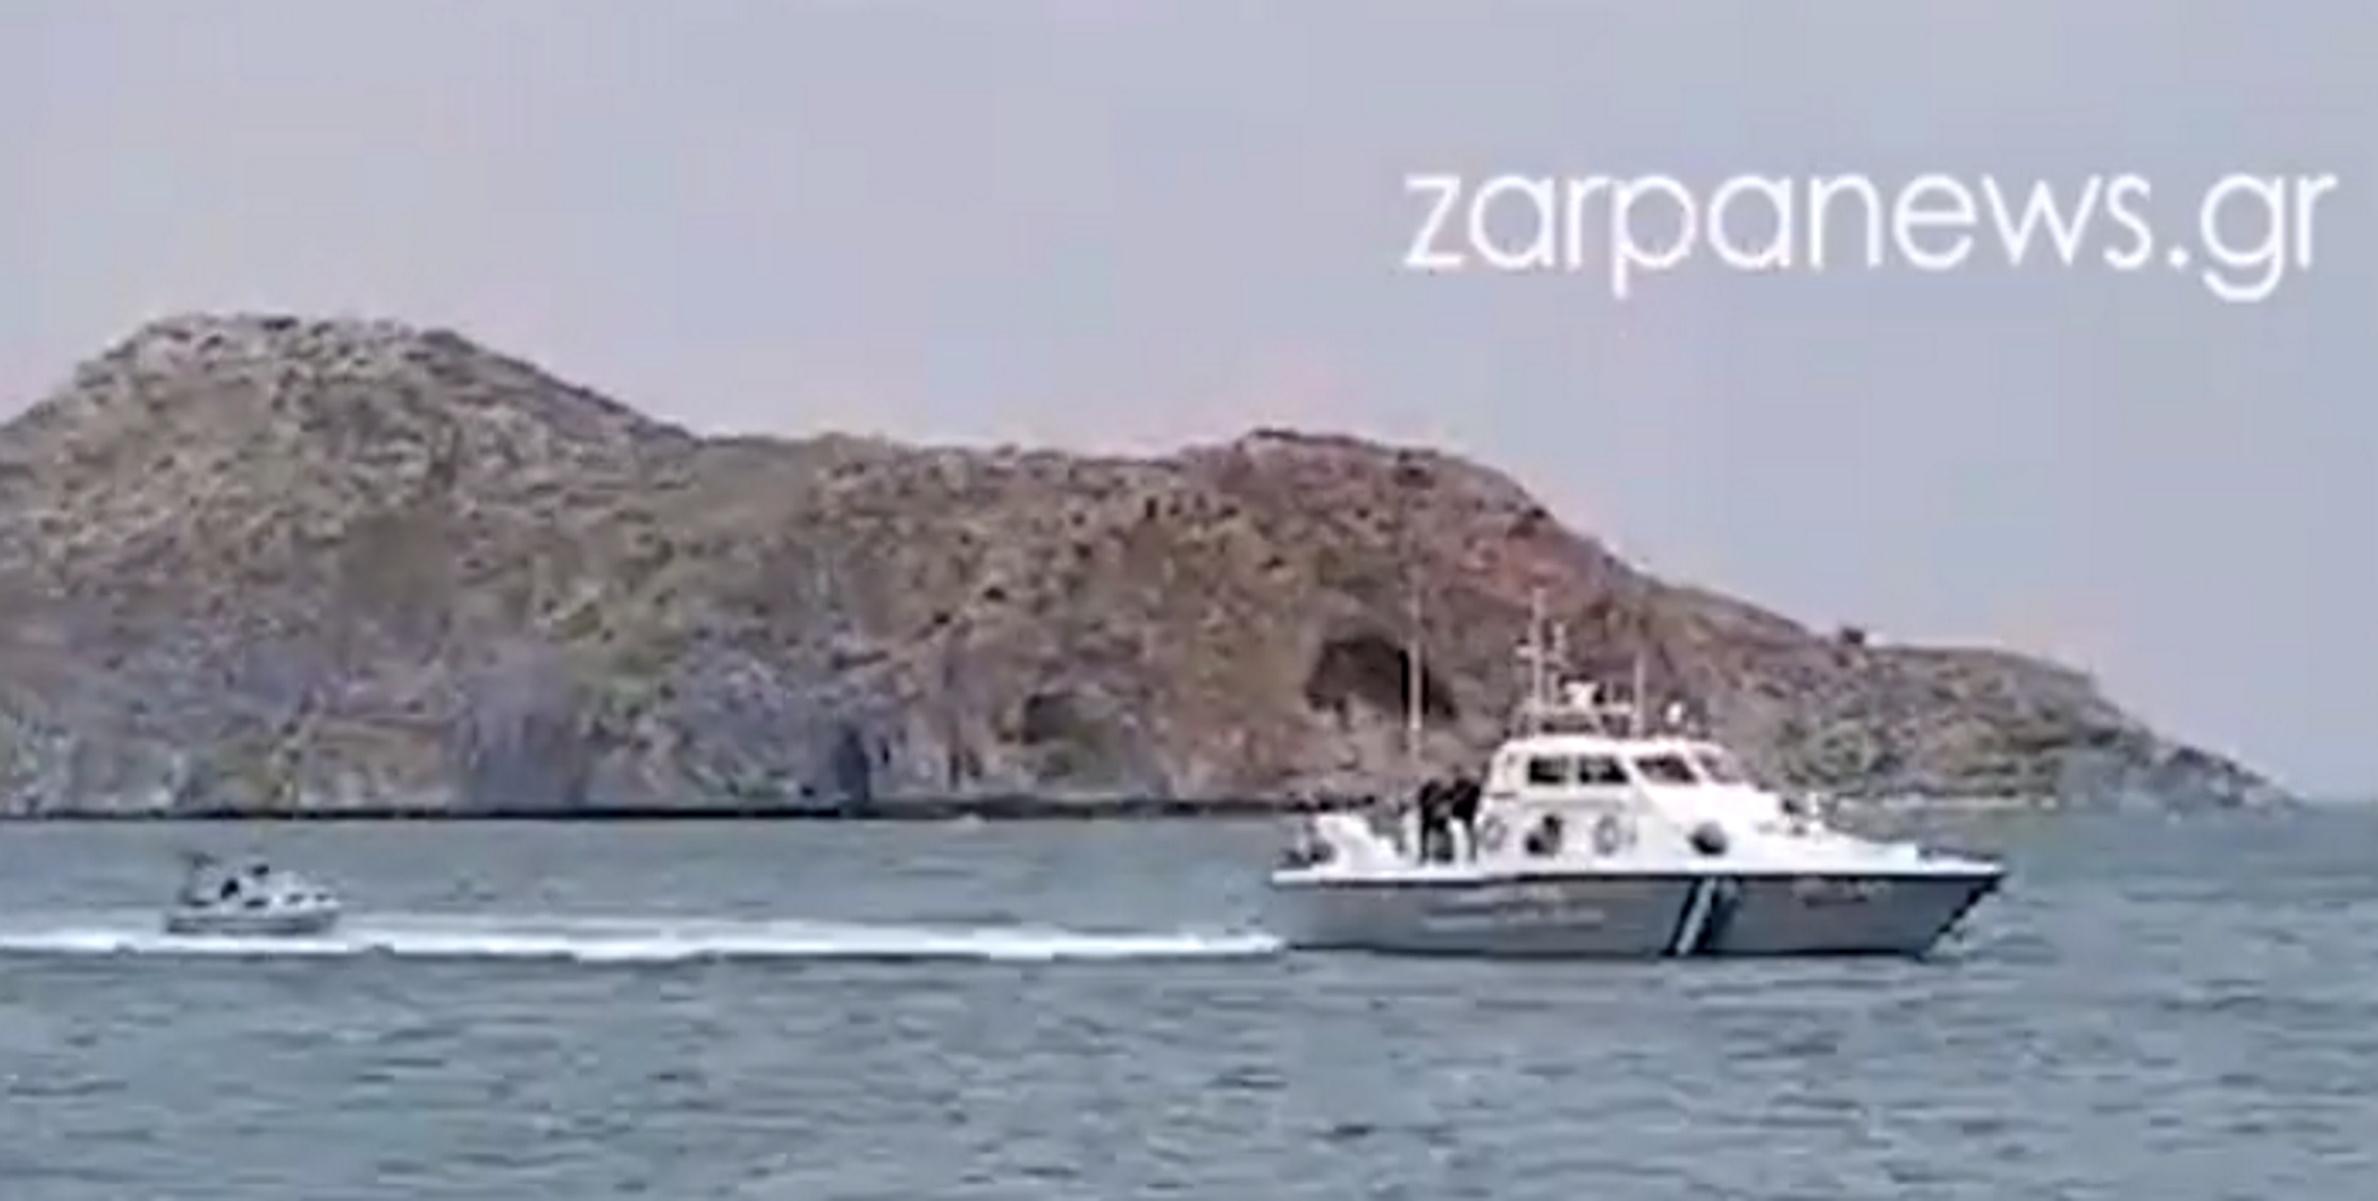 Χανιά: Λιμενικό ρυμούλκησε βάρκα με ψαράδες που έπλεε ακυβέρνητη (video)